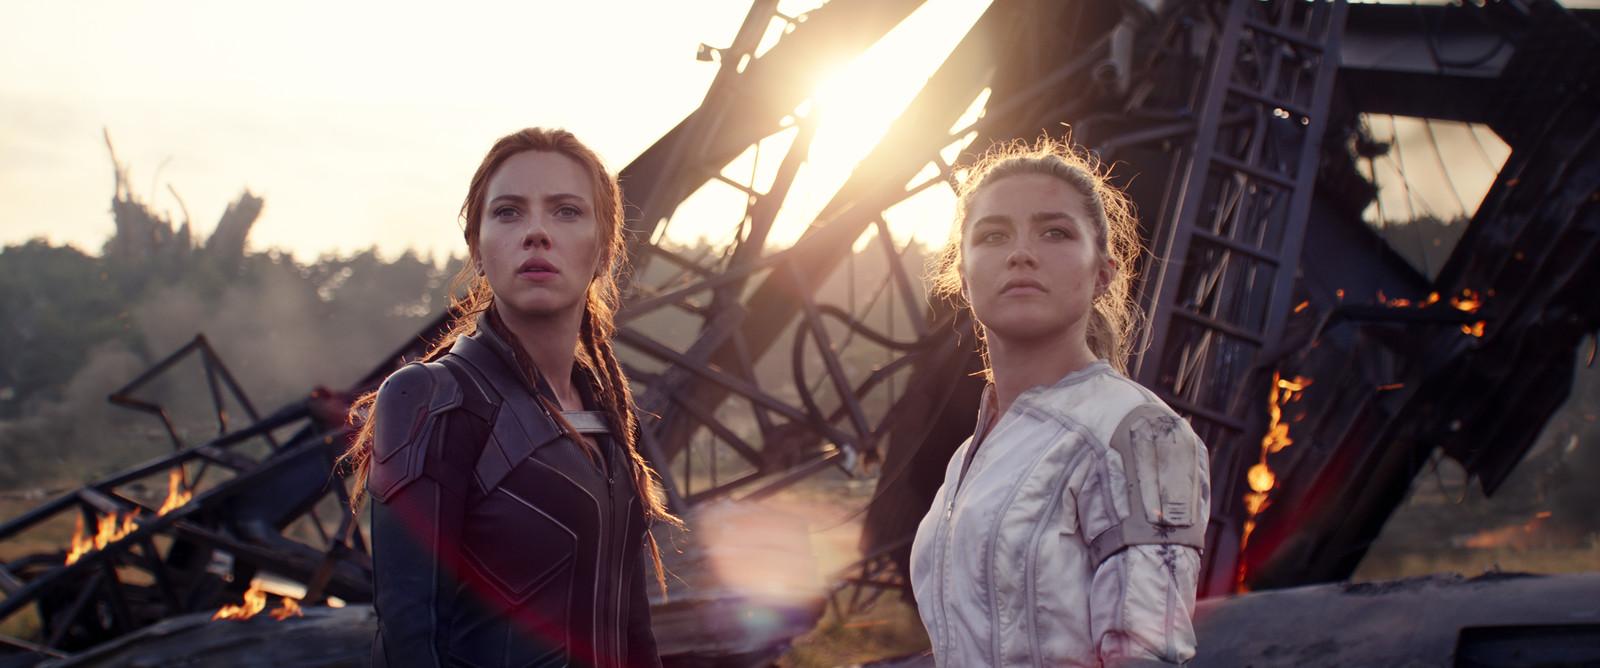 Links Scarlett Johansson als Black Widow.